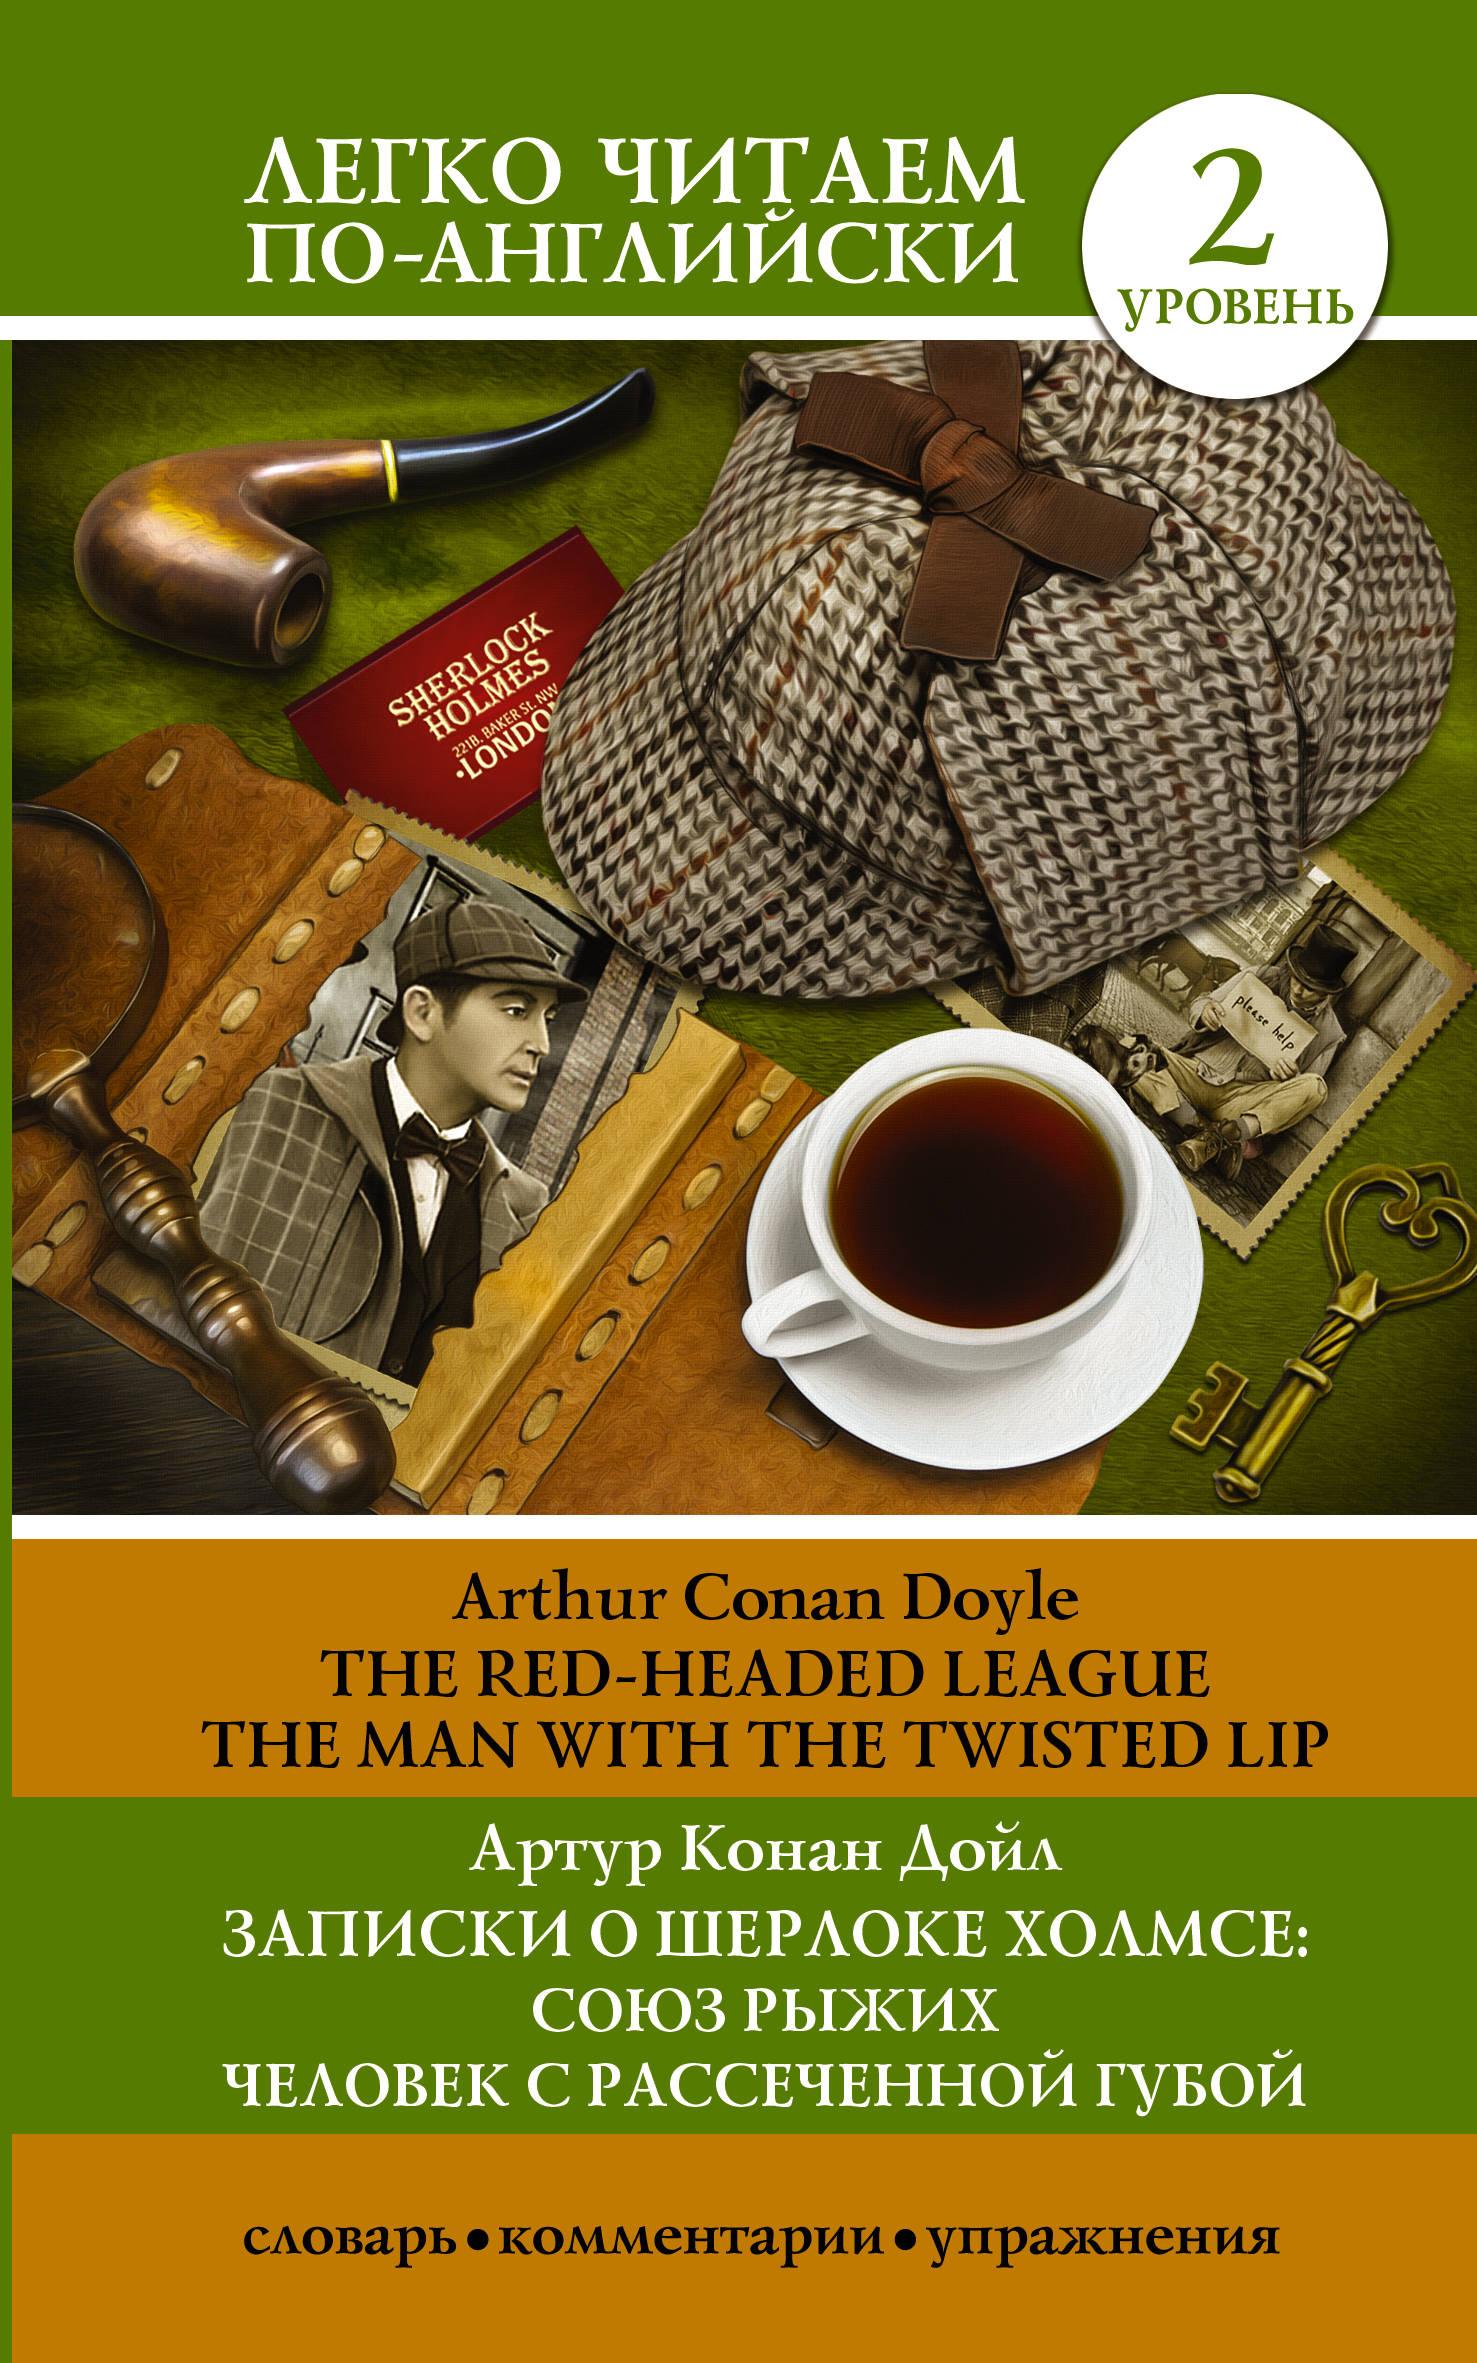 Артур Конан Дойл Записки о Шерлоке Холмсе: Союз рыжих, Человек с рассеченной губой. Уровень 2 артур конан дойл легкое чтение на английском языке рассказы о шерлоке холмсе человек с рассеченной губой начальный уровень